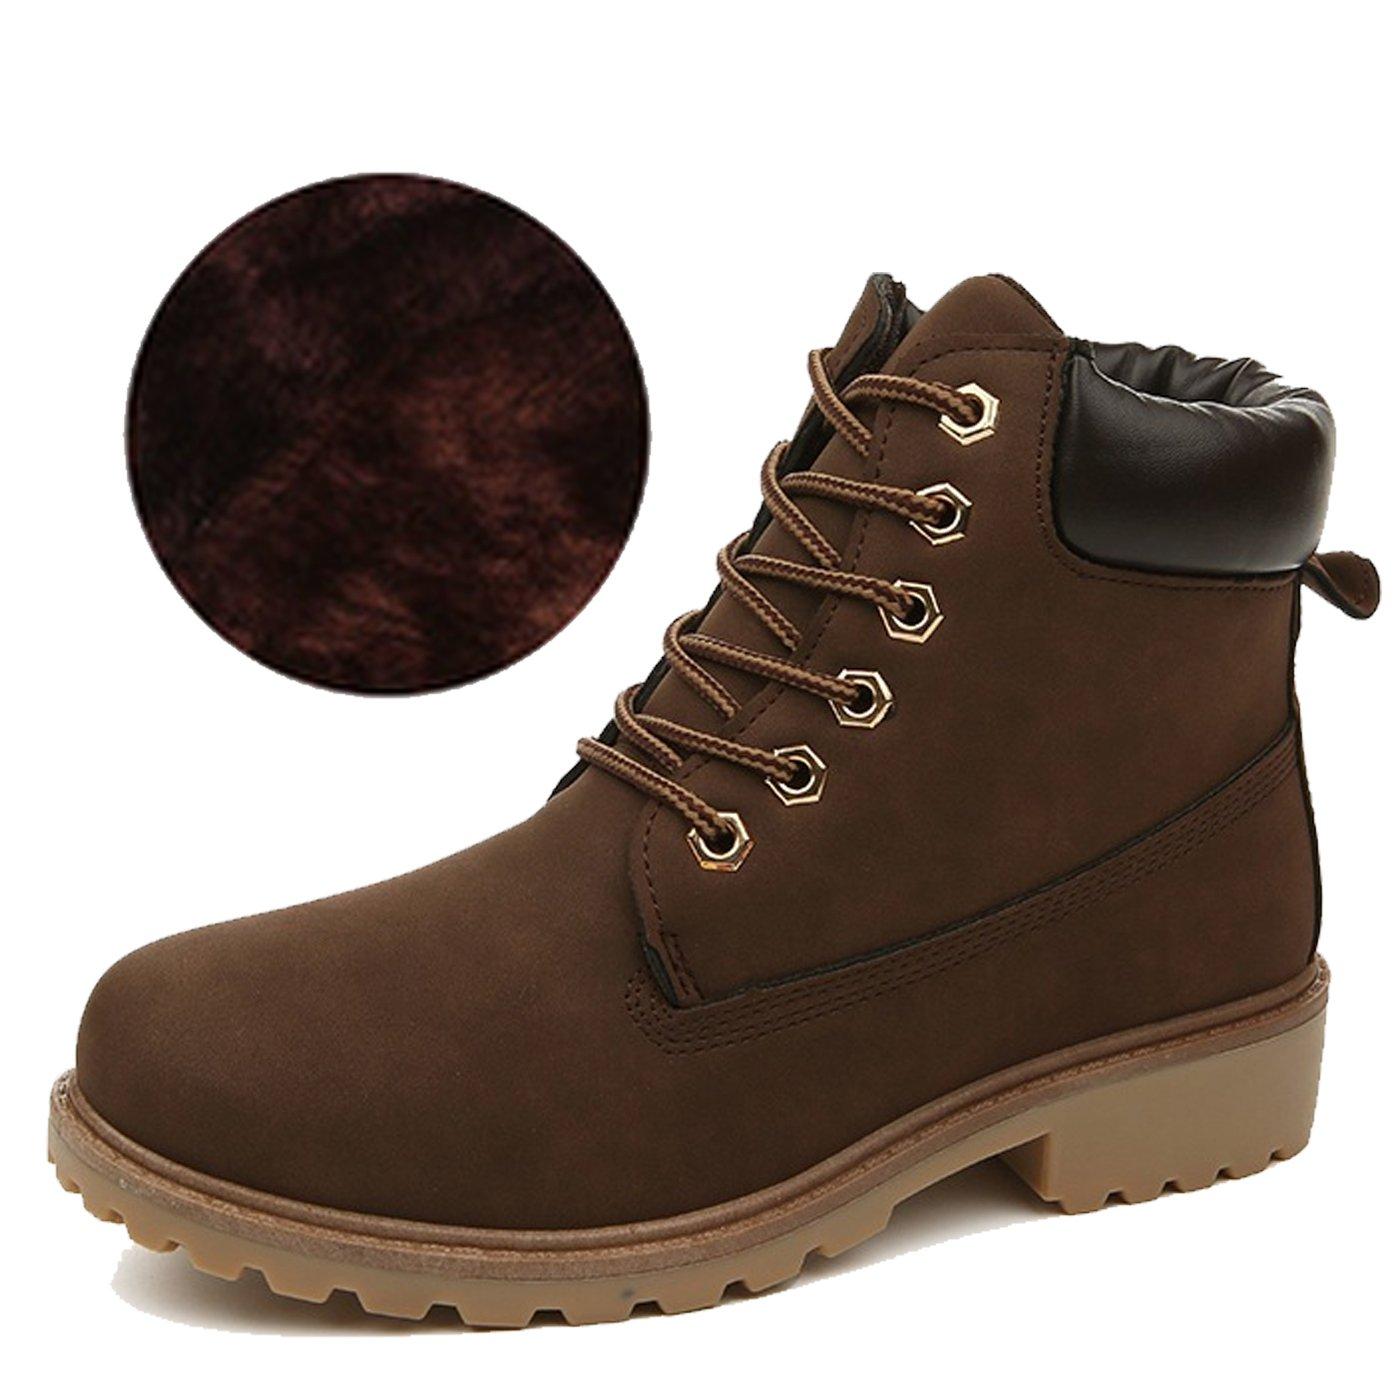 CHNHIRA Martin de Bottes Laine Boots de de Cheval Bottes Chaussures Chaussures de Randonnée Couples Chaussure Montantes Femme Brun F e663786 - epictionpvp.space